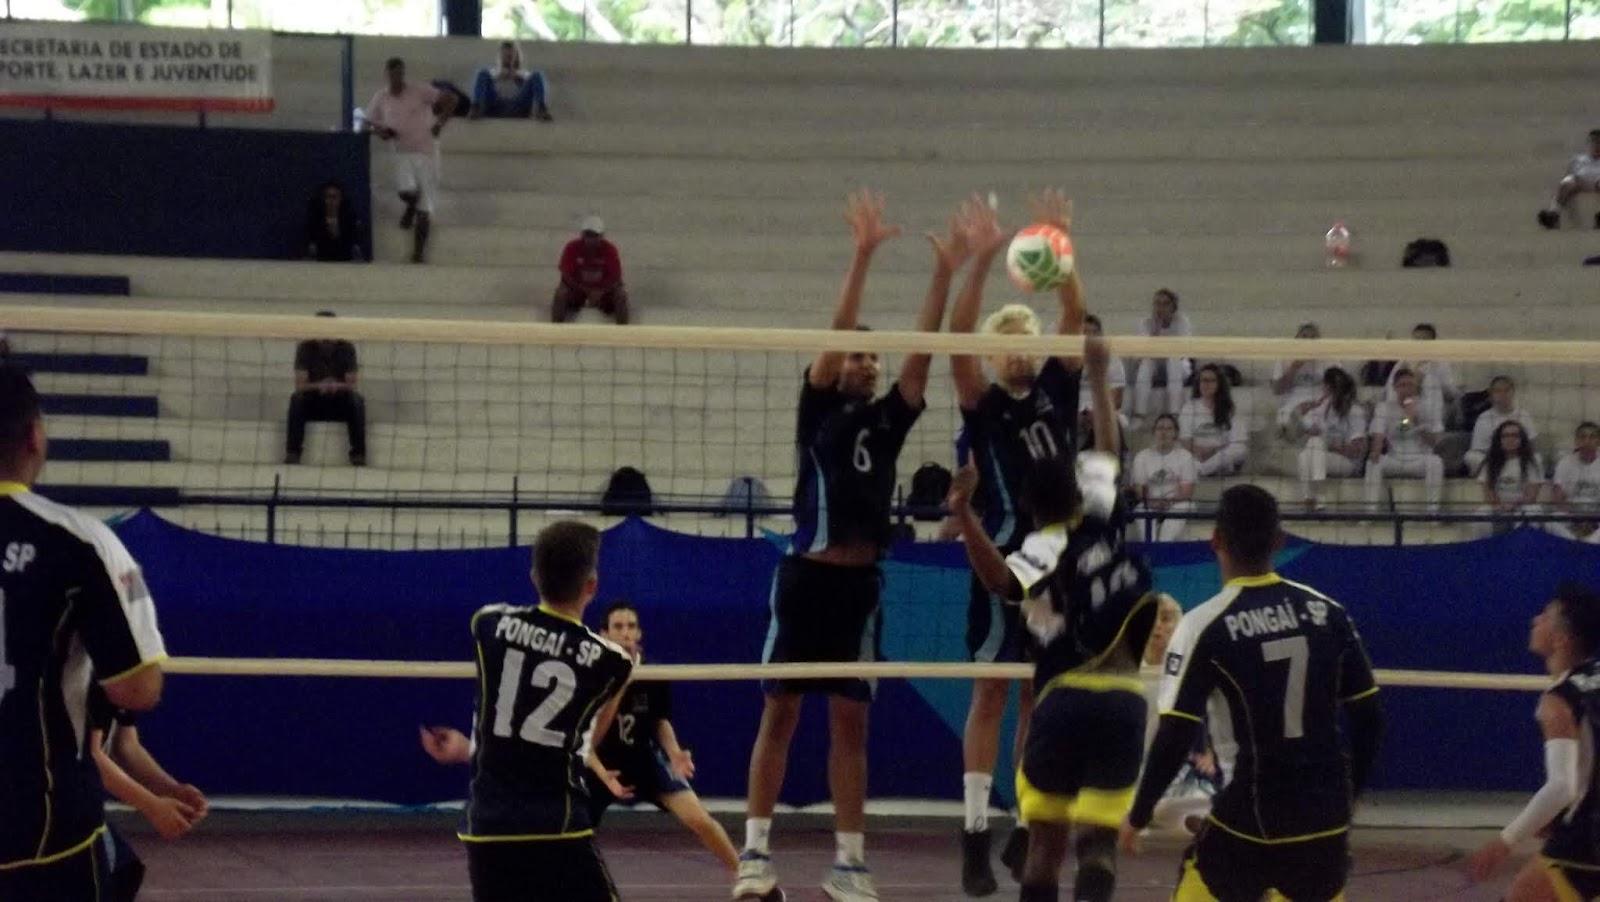 c43e98b19af43 O vôlei masculino de Jundiaí está classificado para os playoffs dos Jogos  Infantis do estado de São Paulo. Em partida